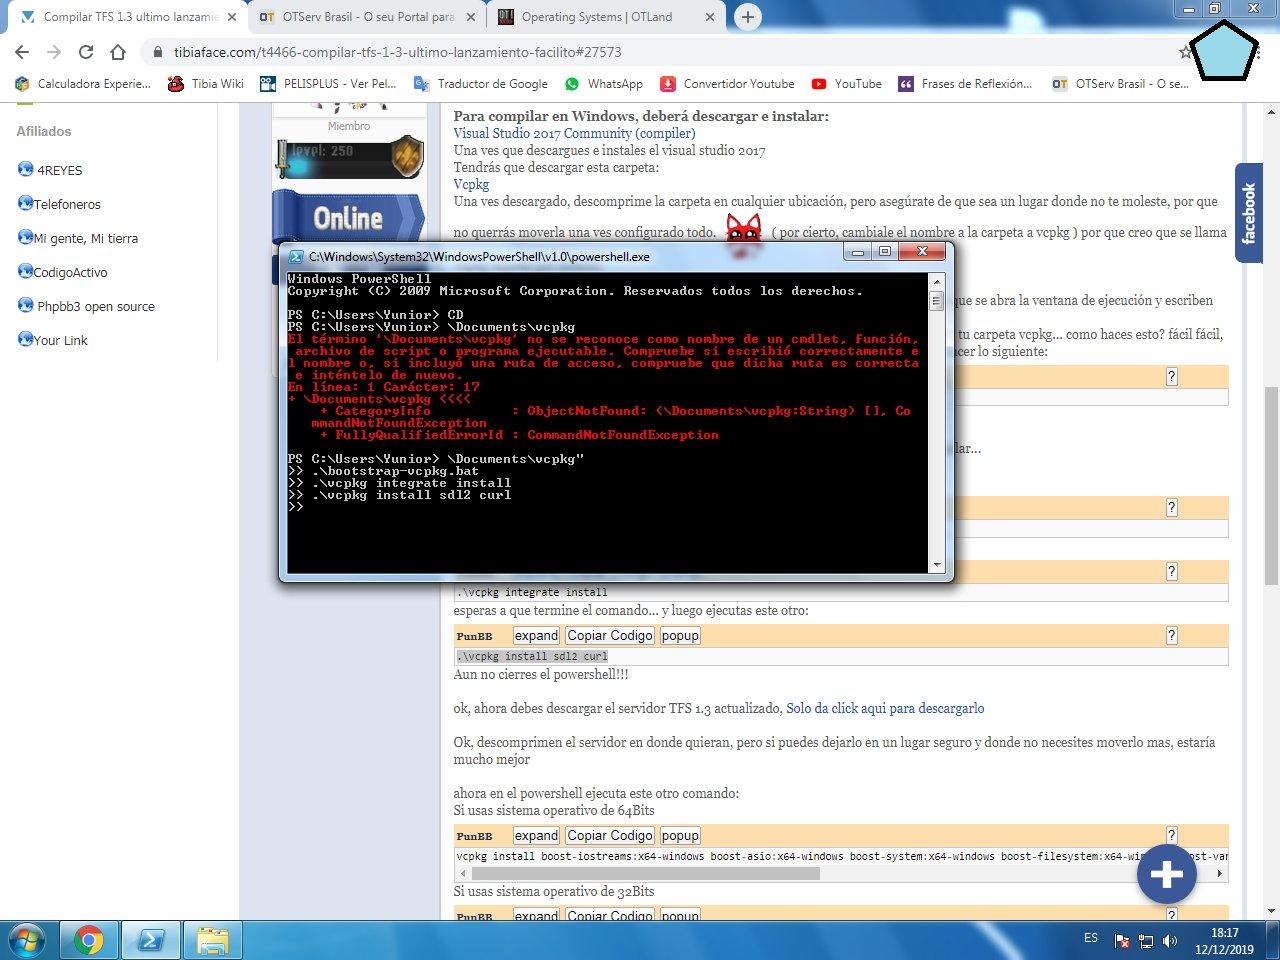 Compilar TFS 1.3 ultimo lanzamiento, FACILITO W2LO0xI